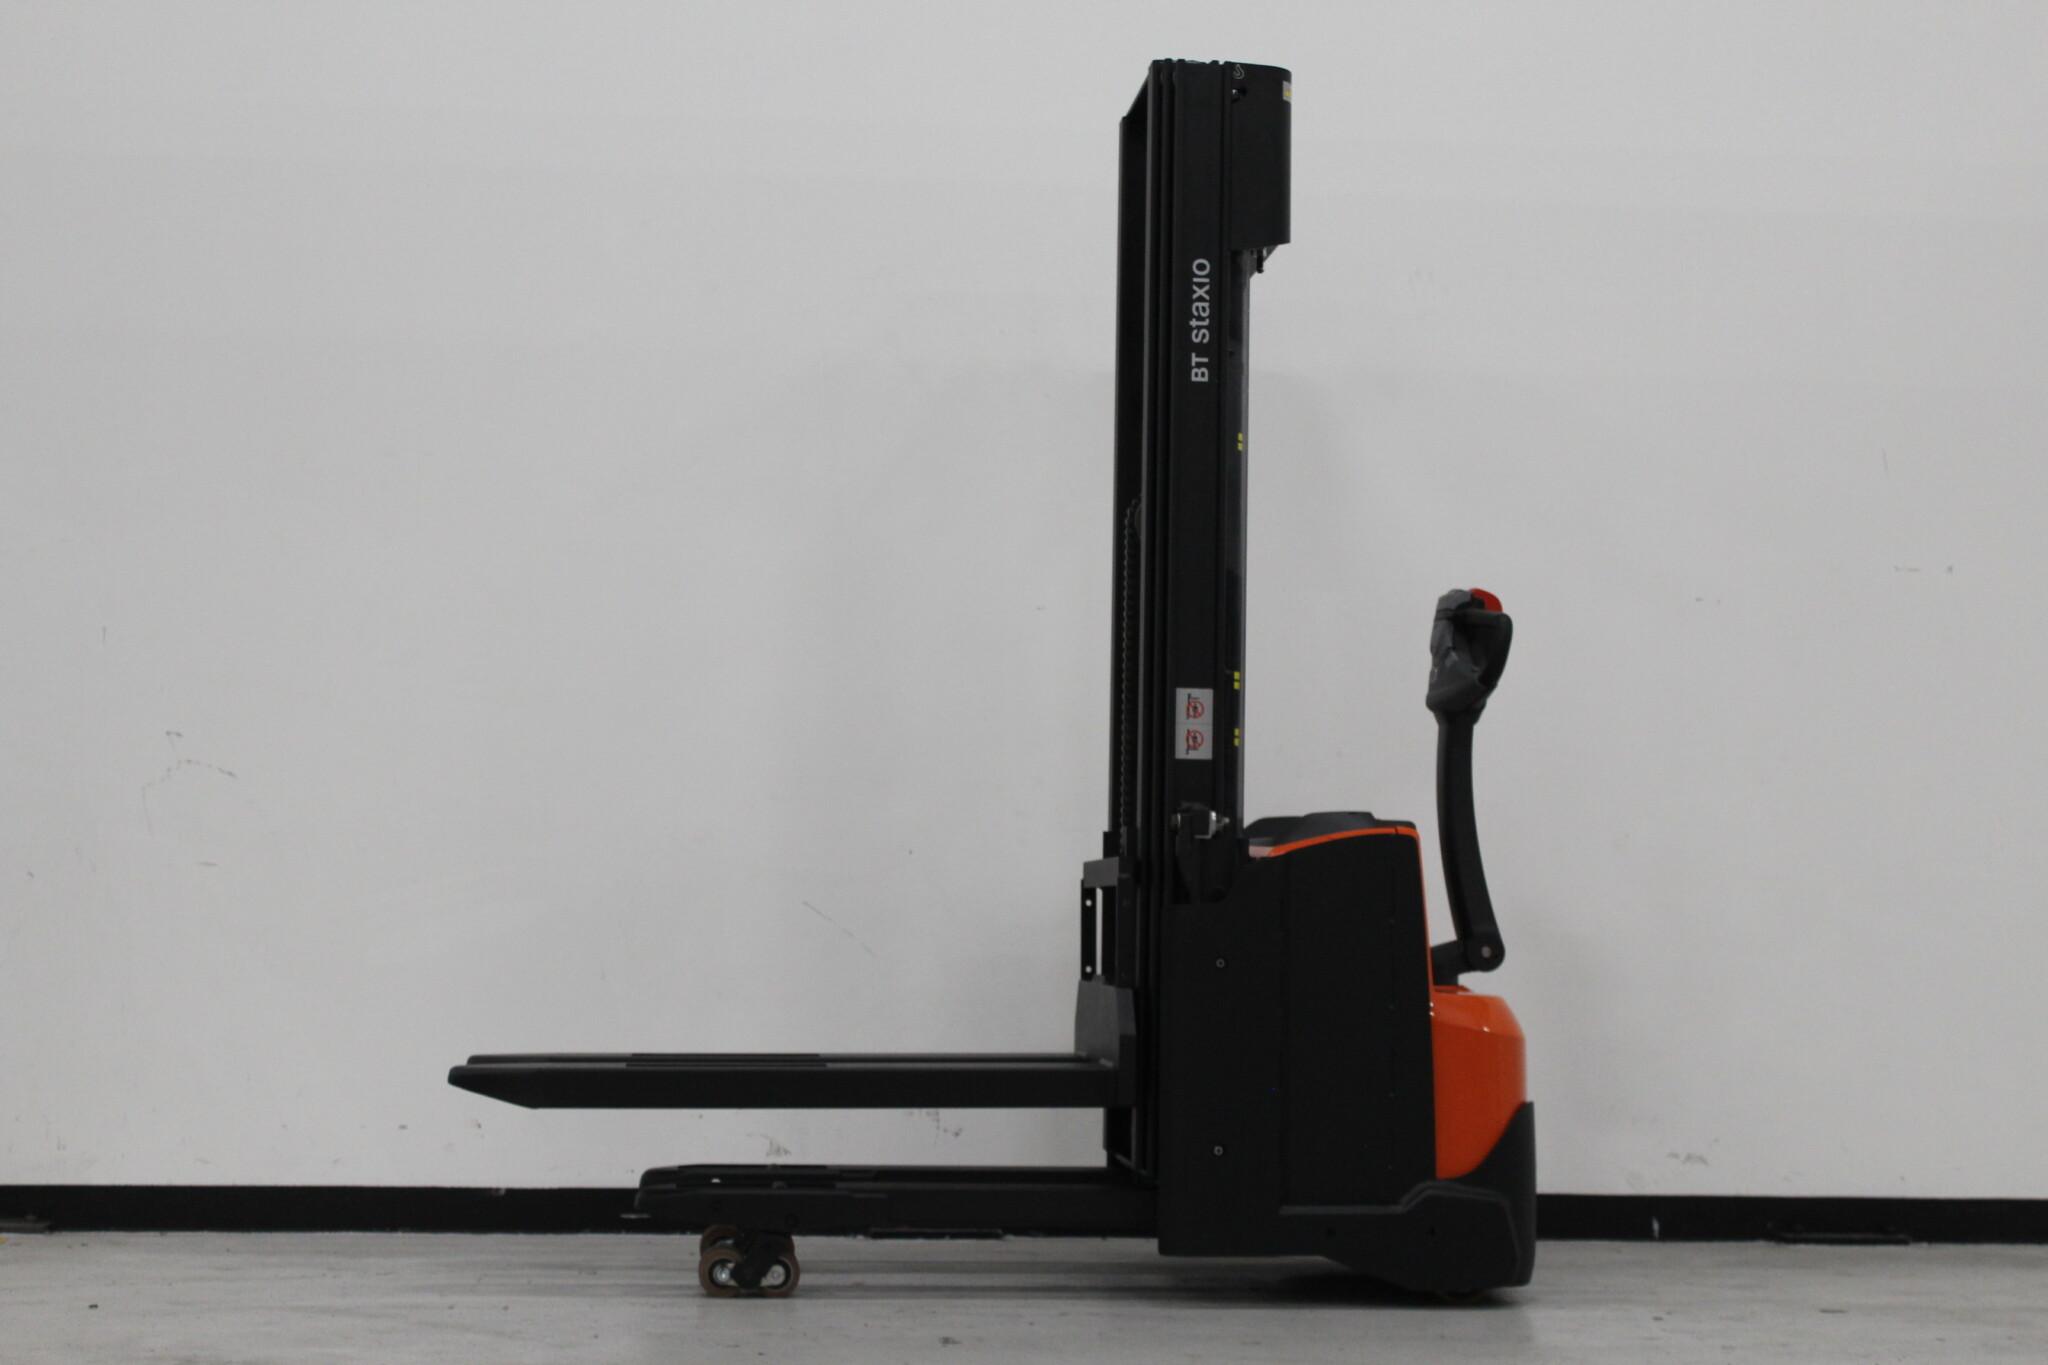 Toyota-Gabelstapler-59840 2011019959 1 scaled